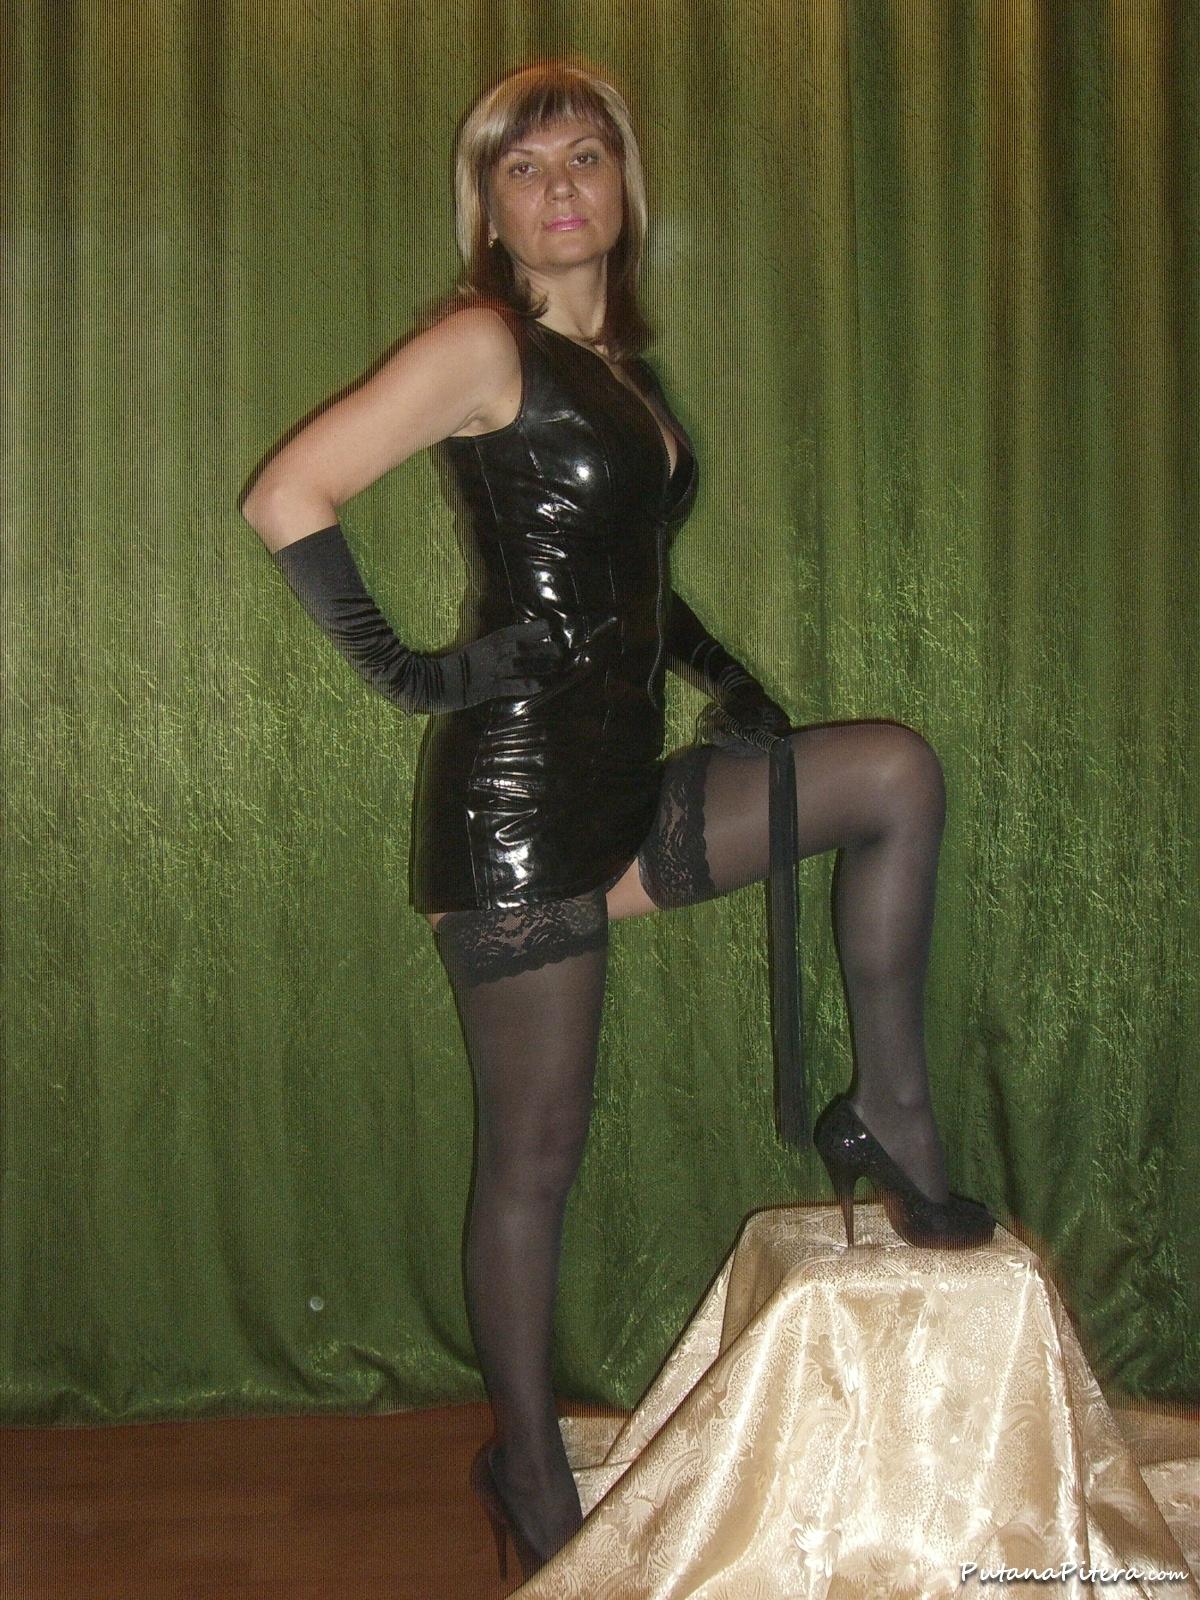 Услуги бдсм госпожи в санкт петербурге 7 фотография